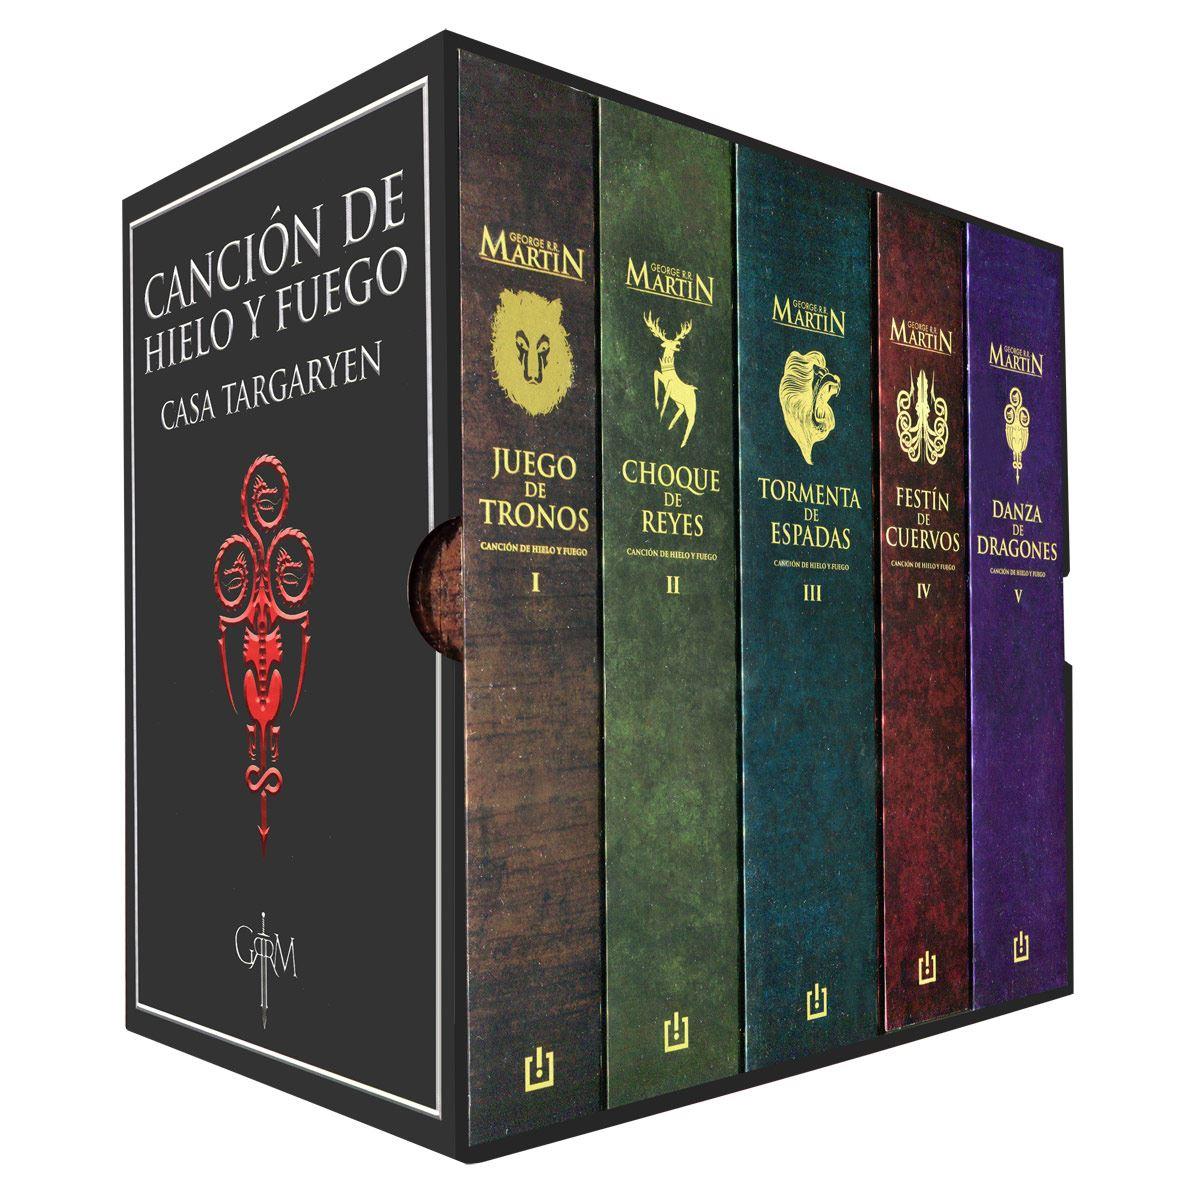 Paquete Juego de Tronos, Casa Targaryen